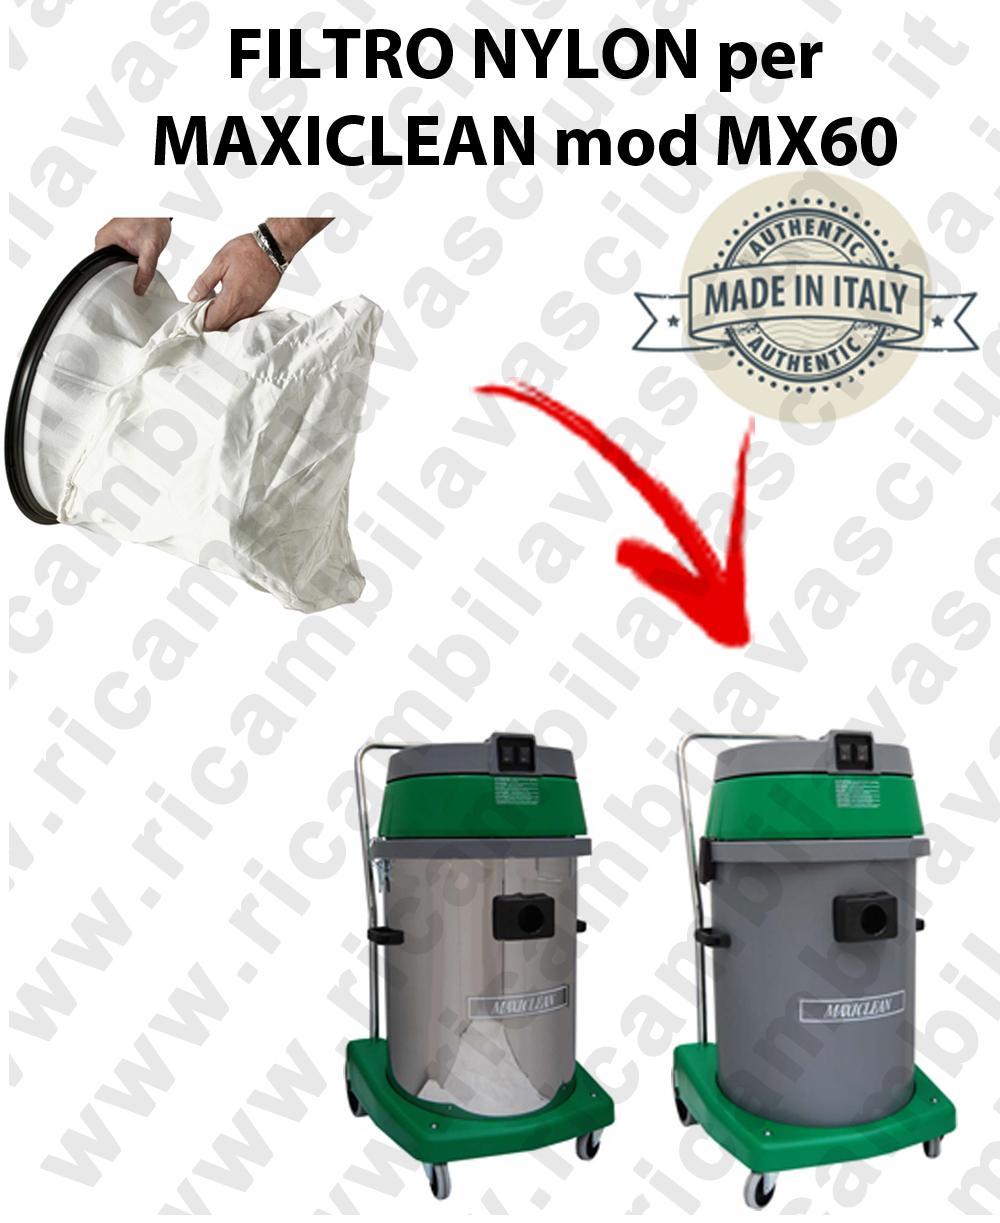 MX60 Nylonfilter für Staubsauger MAXICLEAN